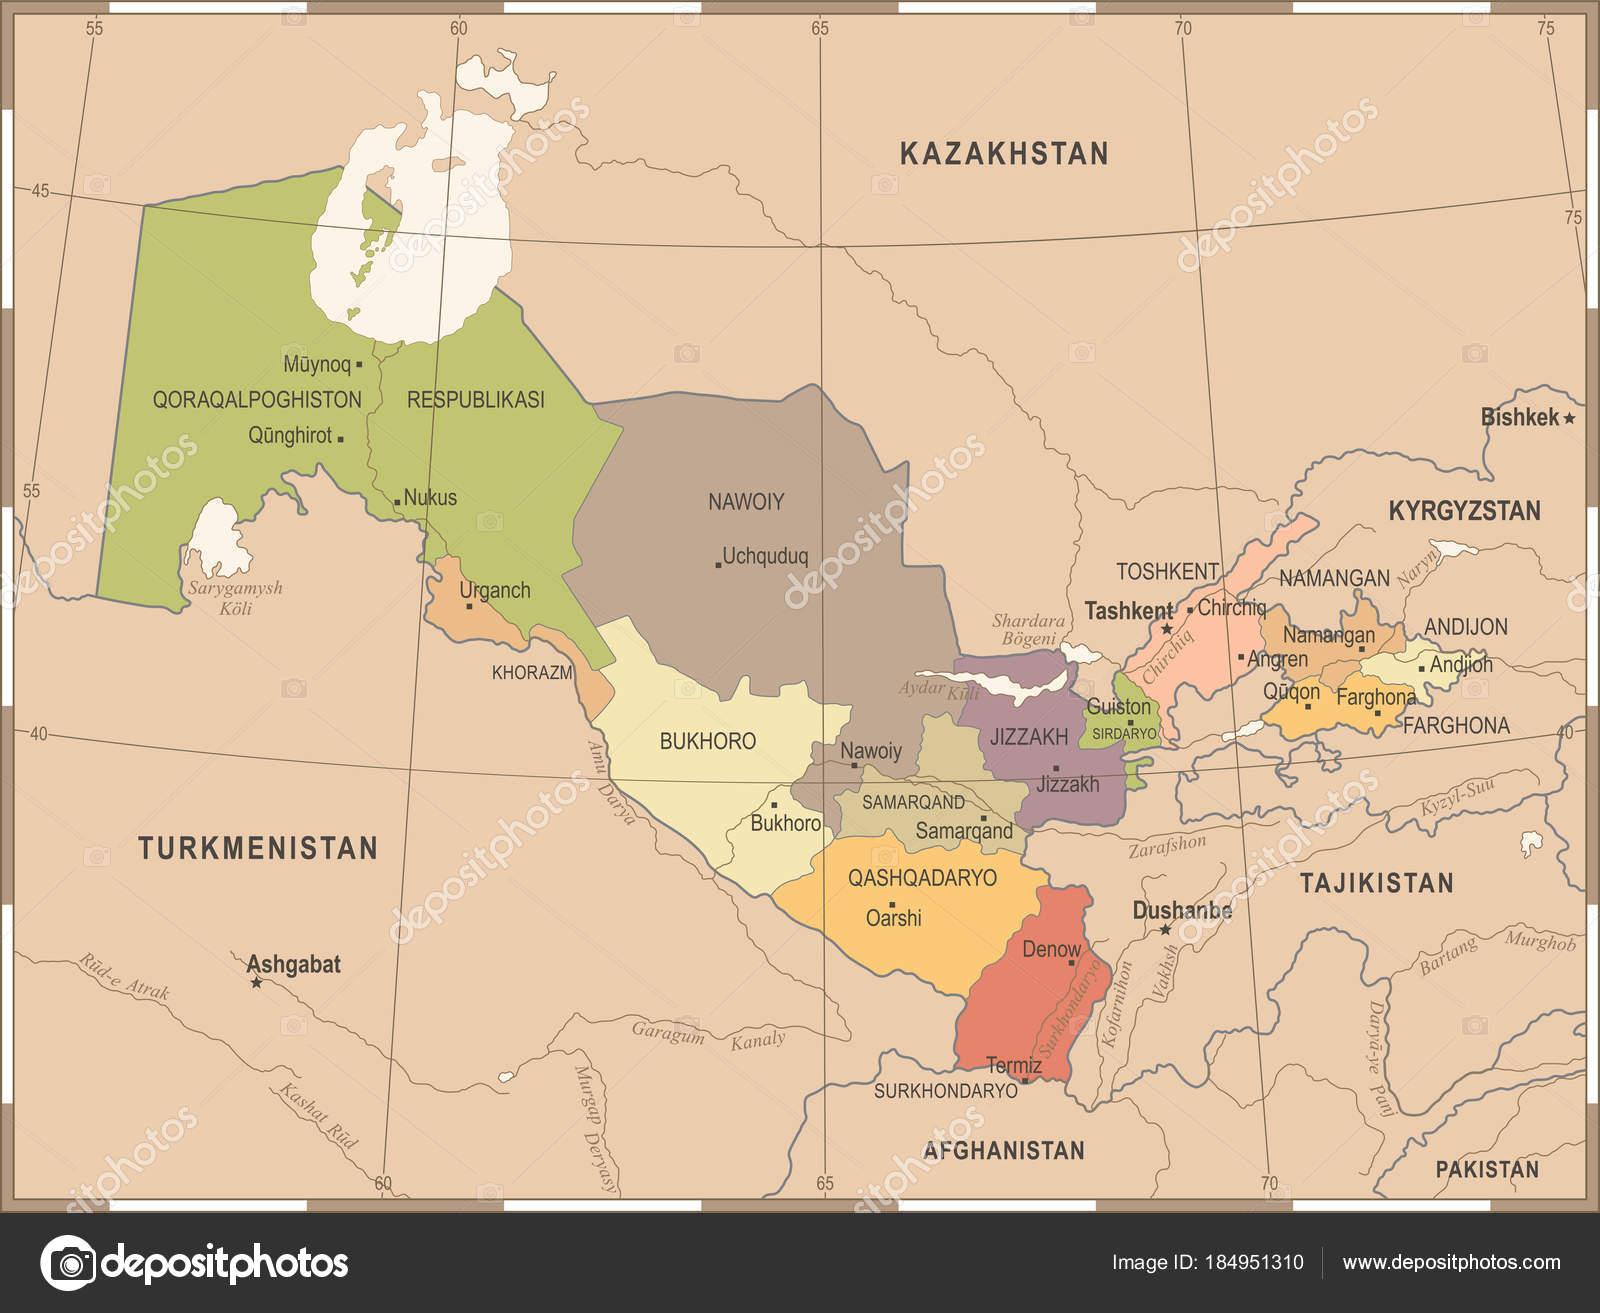 Usbekistan Karte.Usbekistan Karte Vintage Detaillierte Vektor Illustration